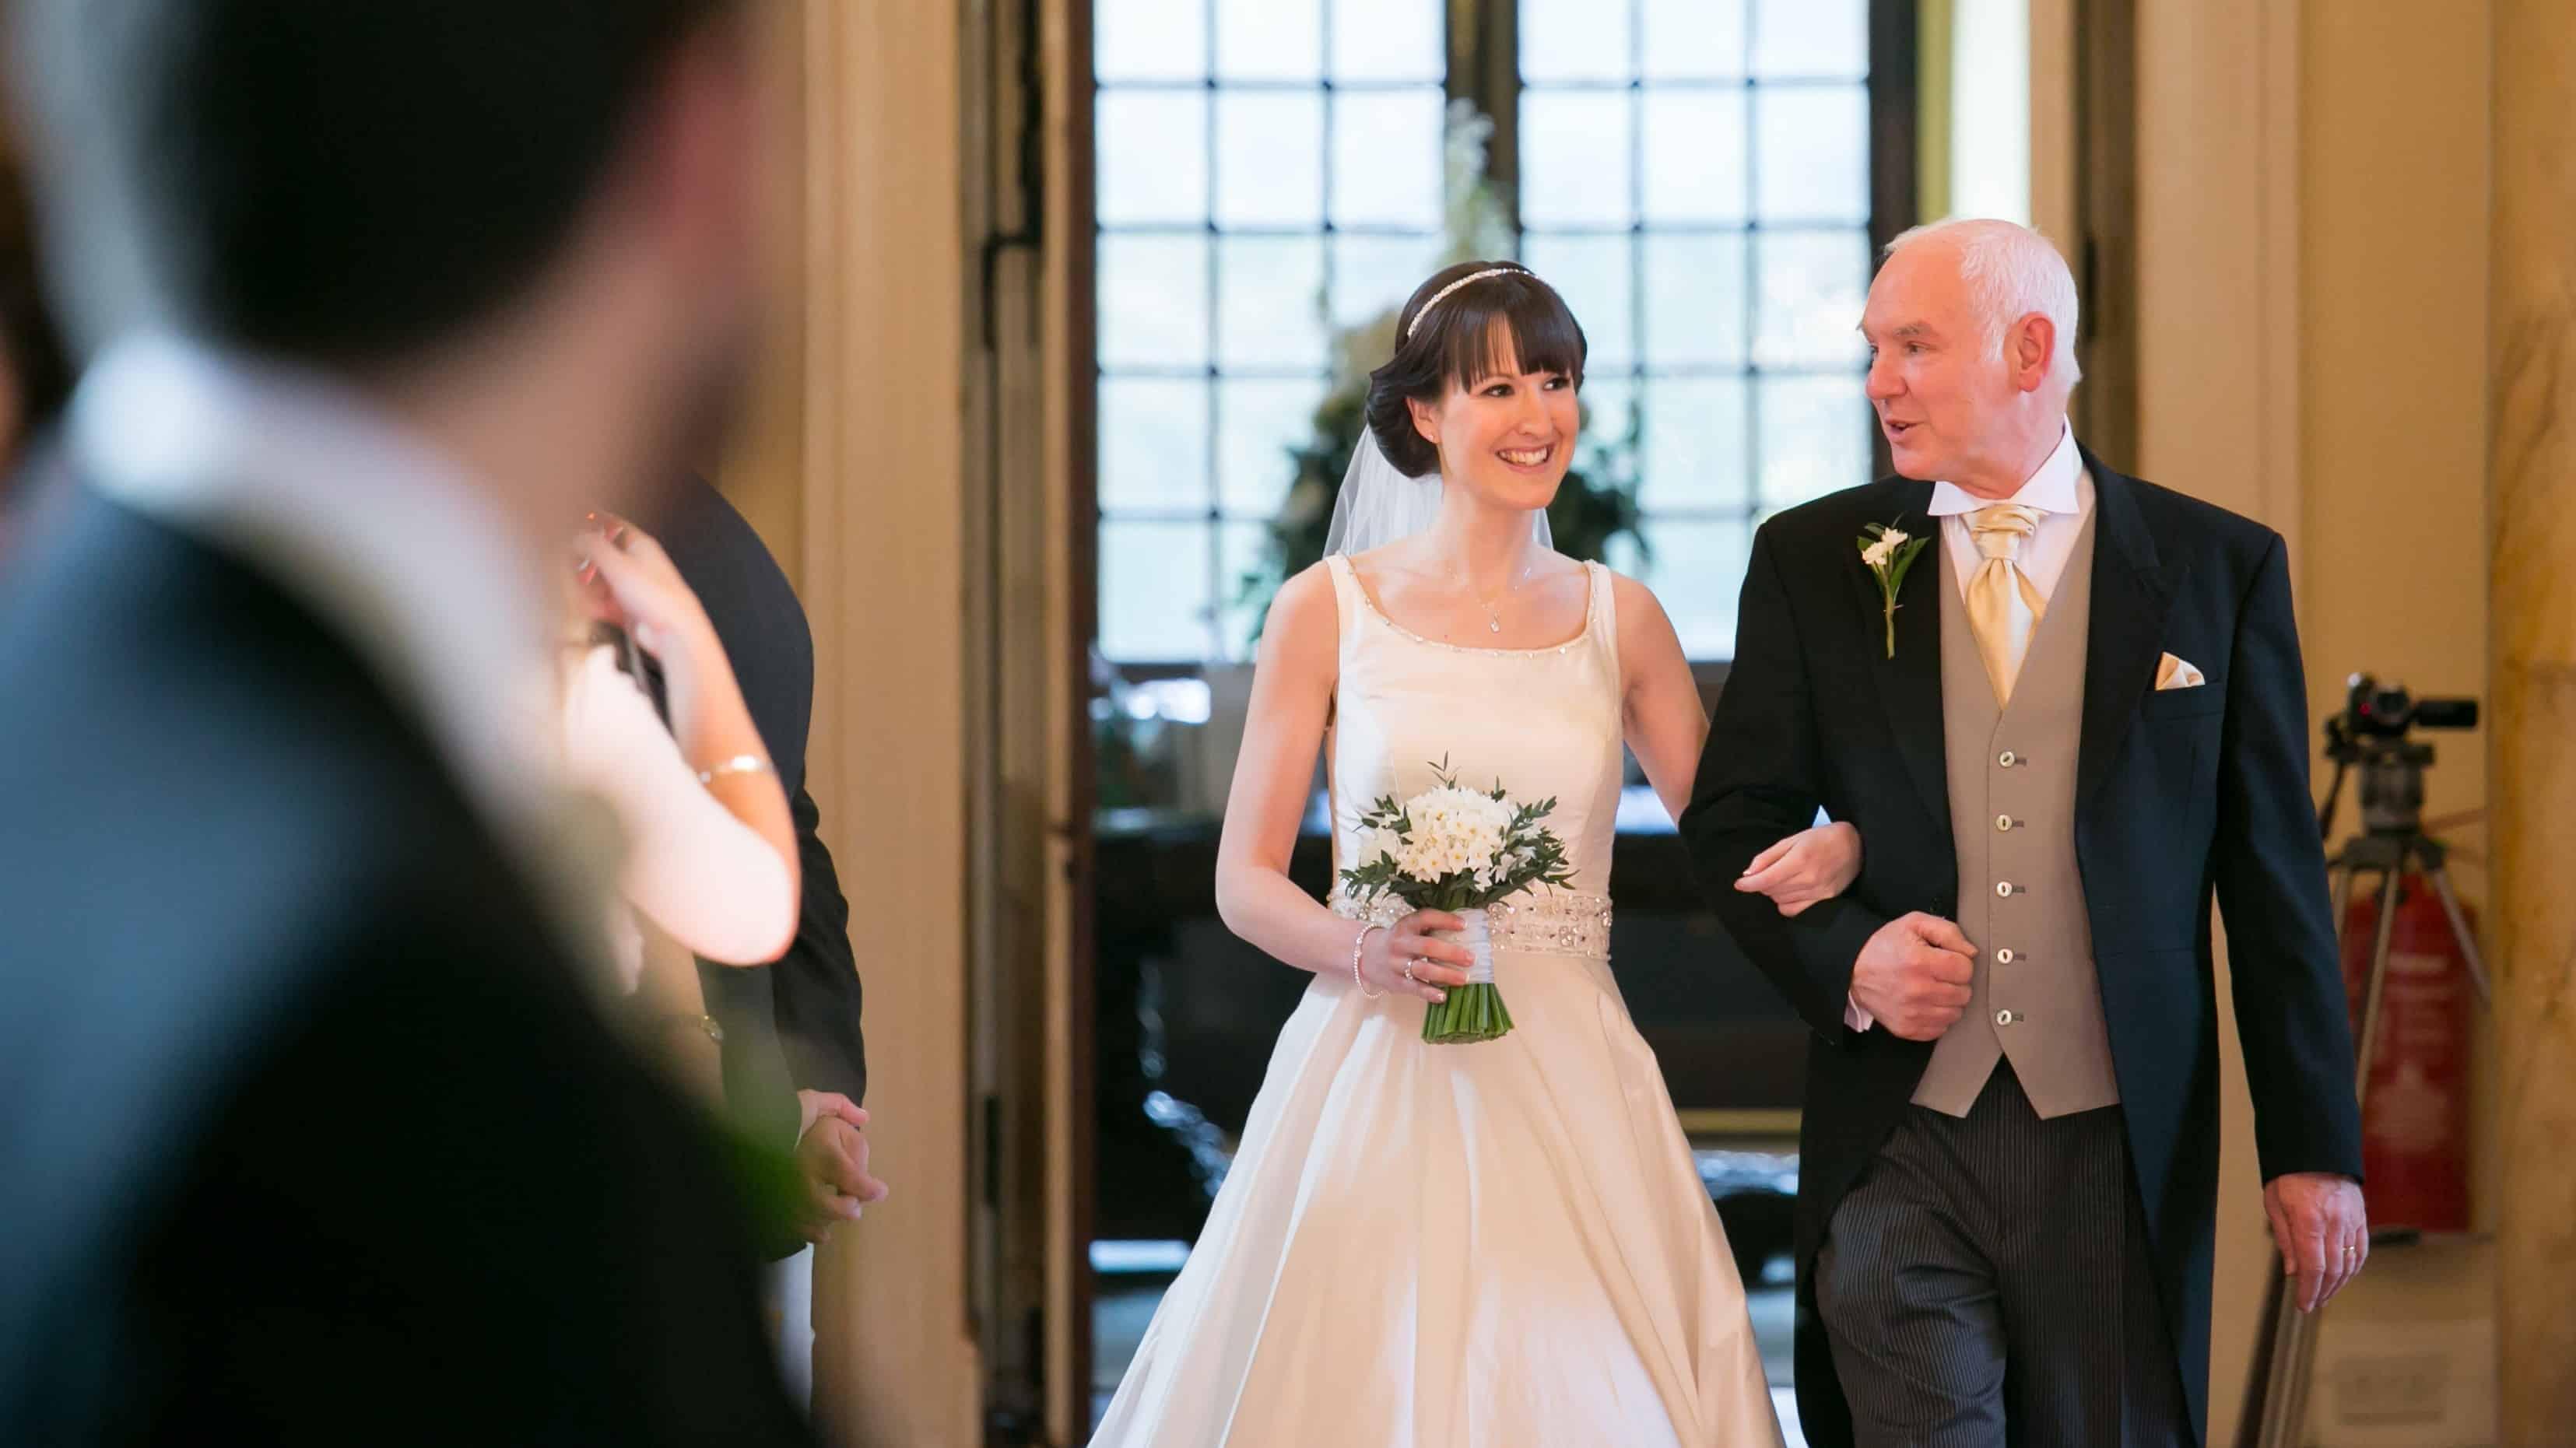 CC - Bride